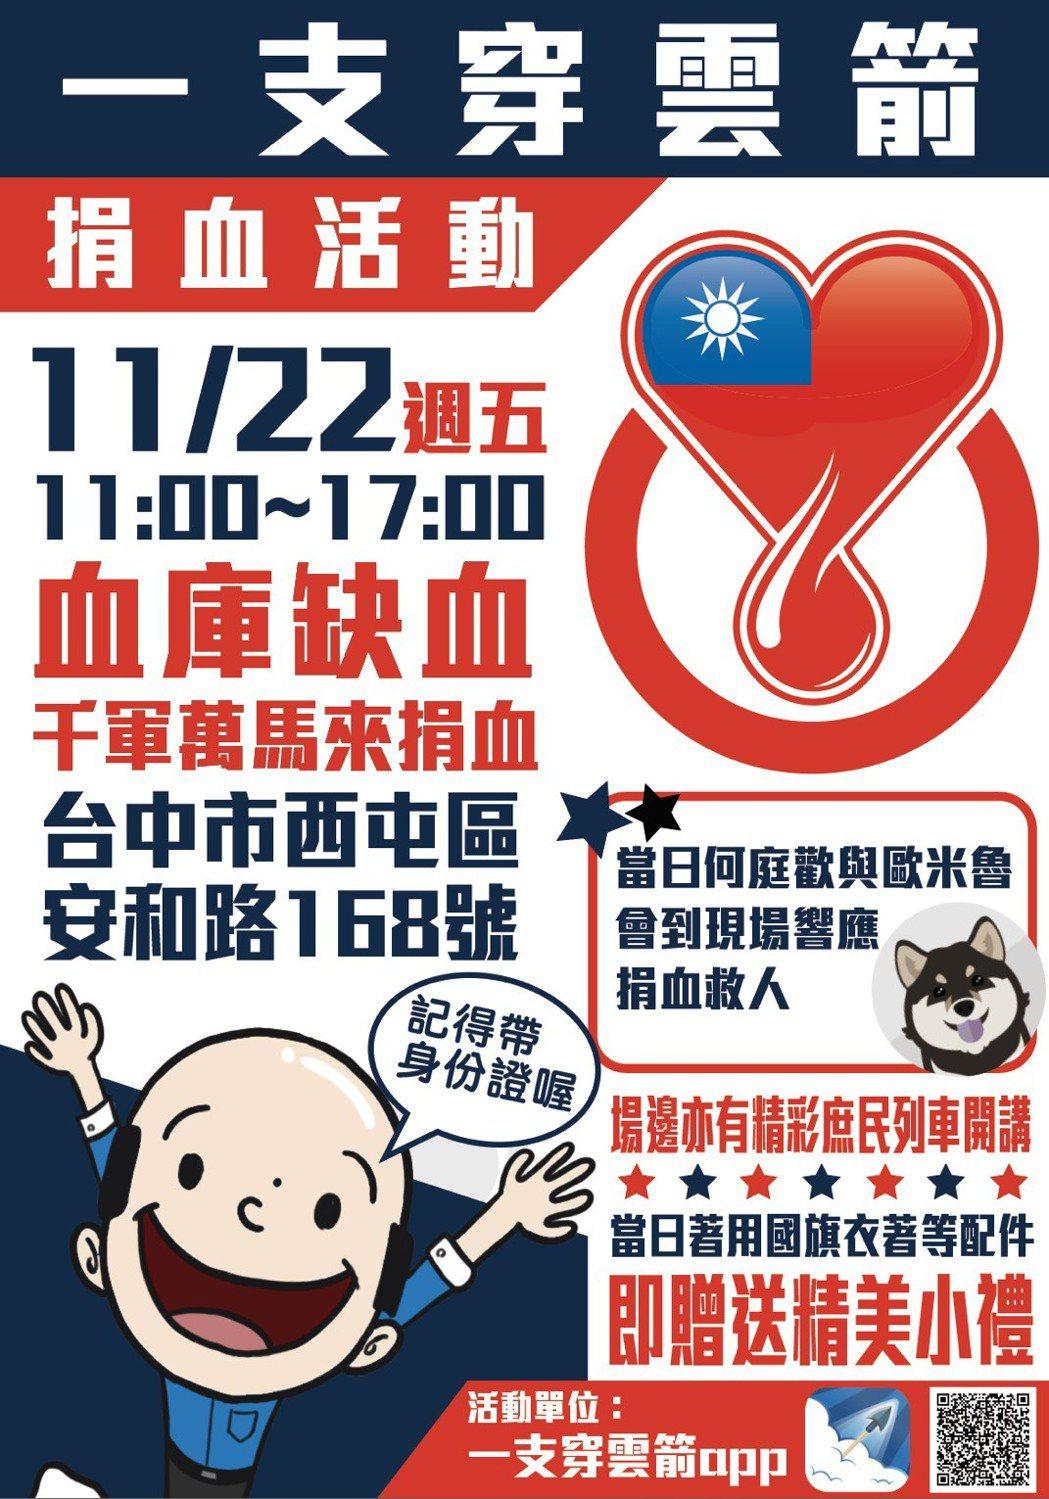 國民黨總統參選人韓國瑜明後天到台中造勢,韓粉App「一支穿雲箭」明天發起捐血活動...